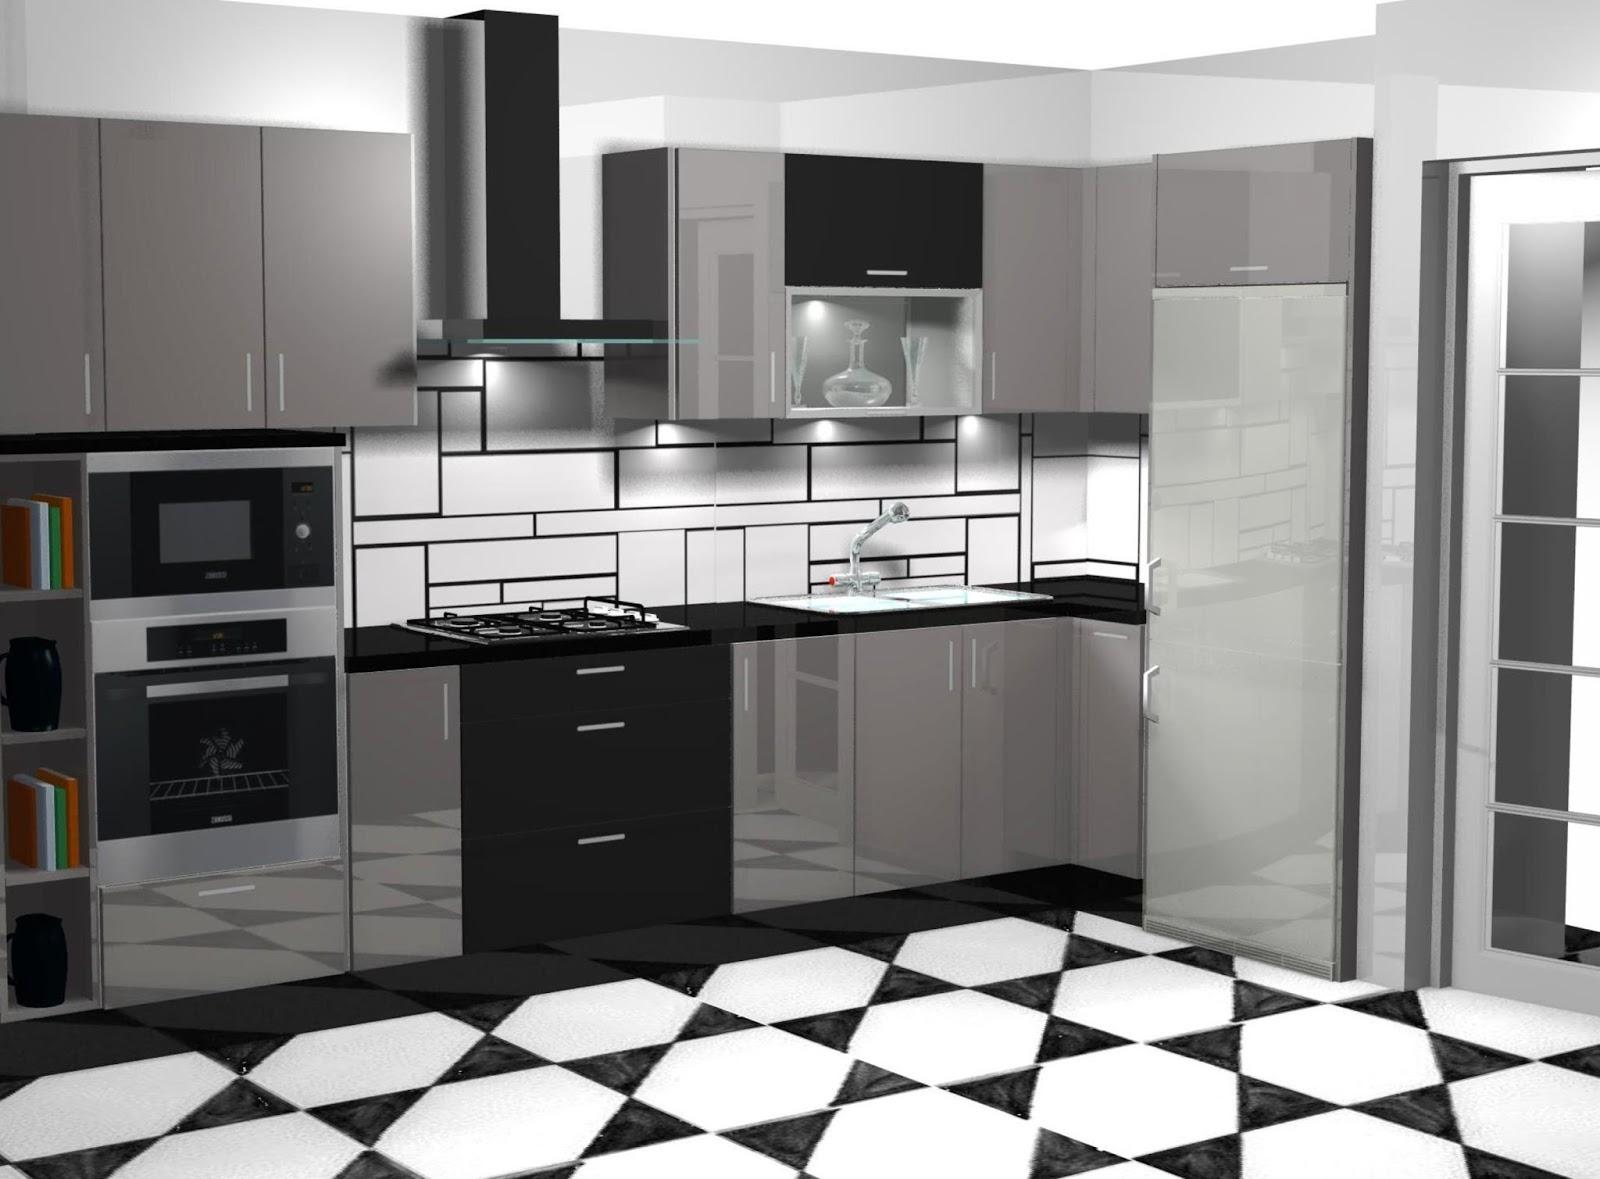 Muebles de cocina fiplasto obtenga ideas dise o de for Muebles de cocina df